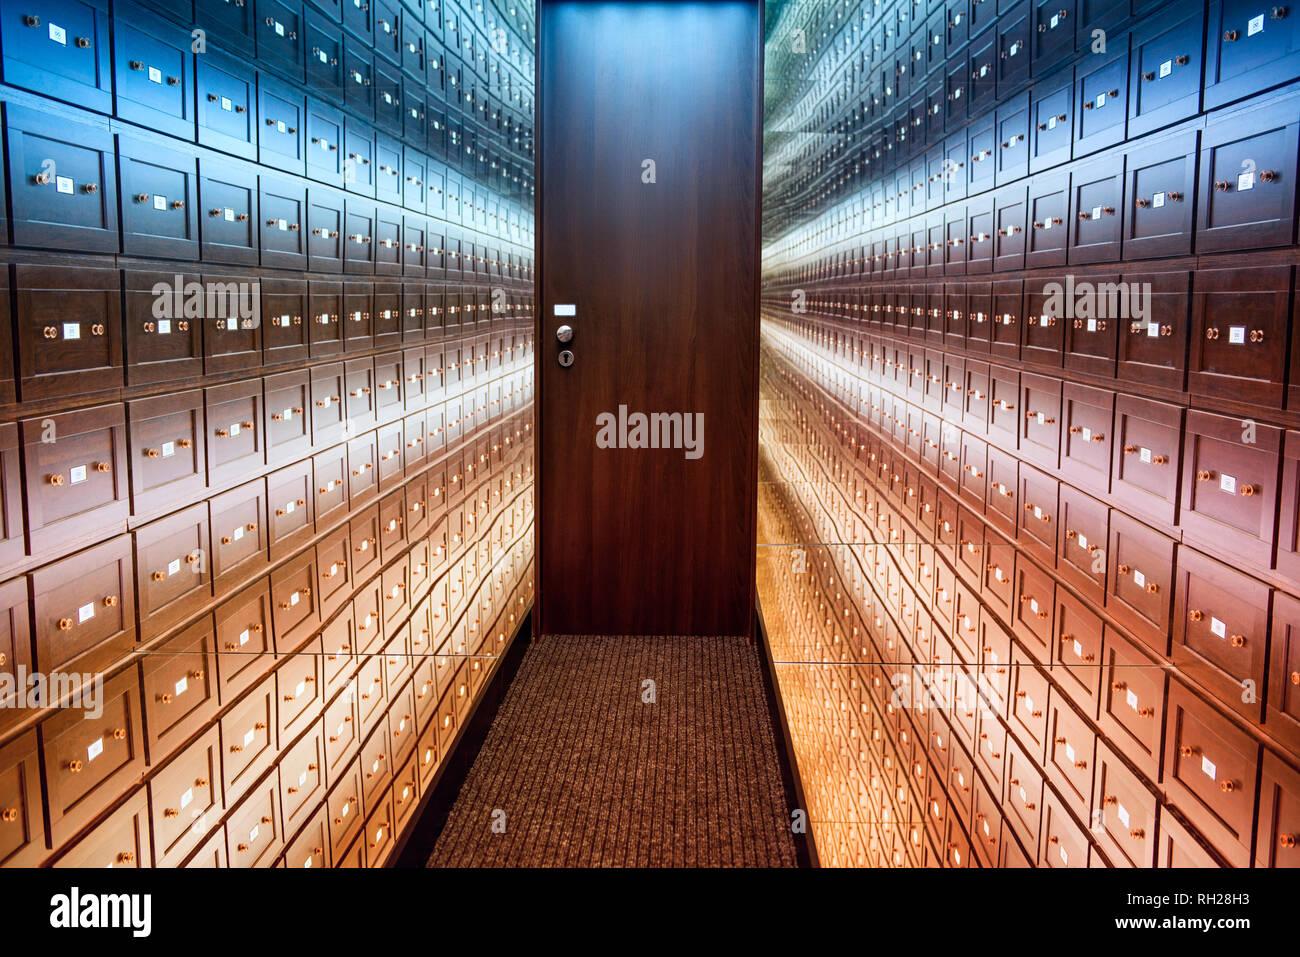 La habitación caja de seguridad es una sala multi-coloreado de ilusiones. Una habitación de ilusiones.La habitación está segura con una puerta marrón. La habitación está iluminada. Foto de stock